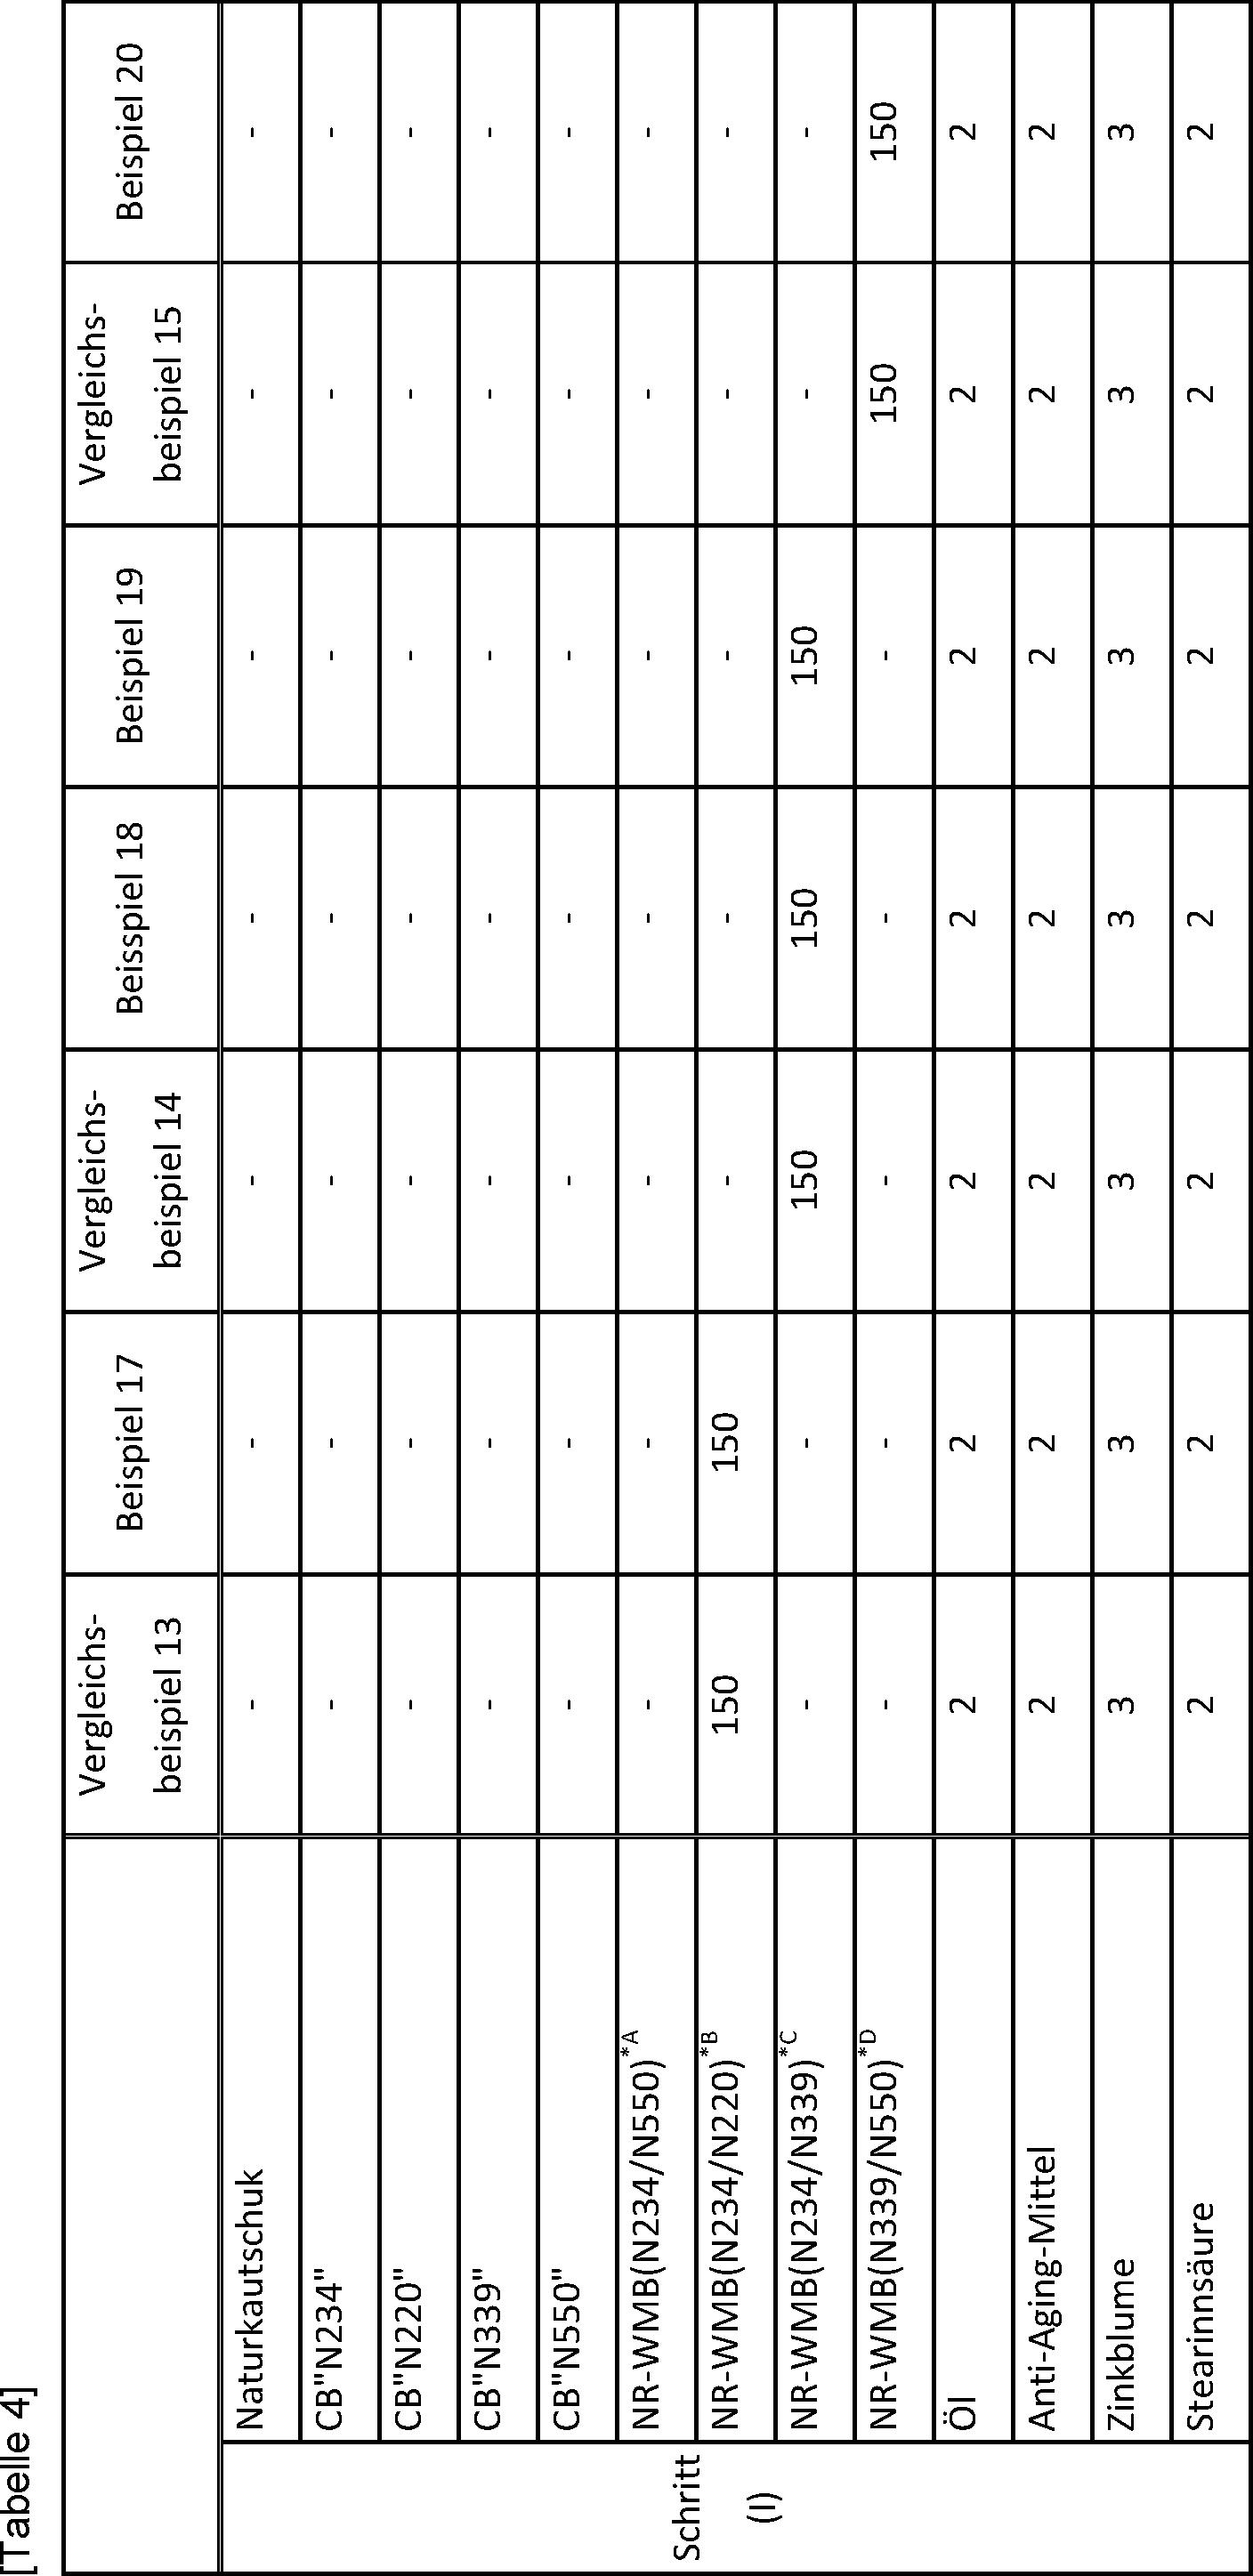 Figure DE112014005088T5_0008